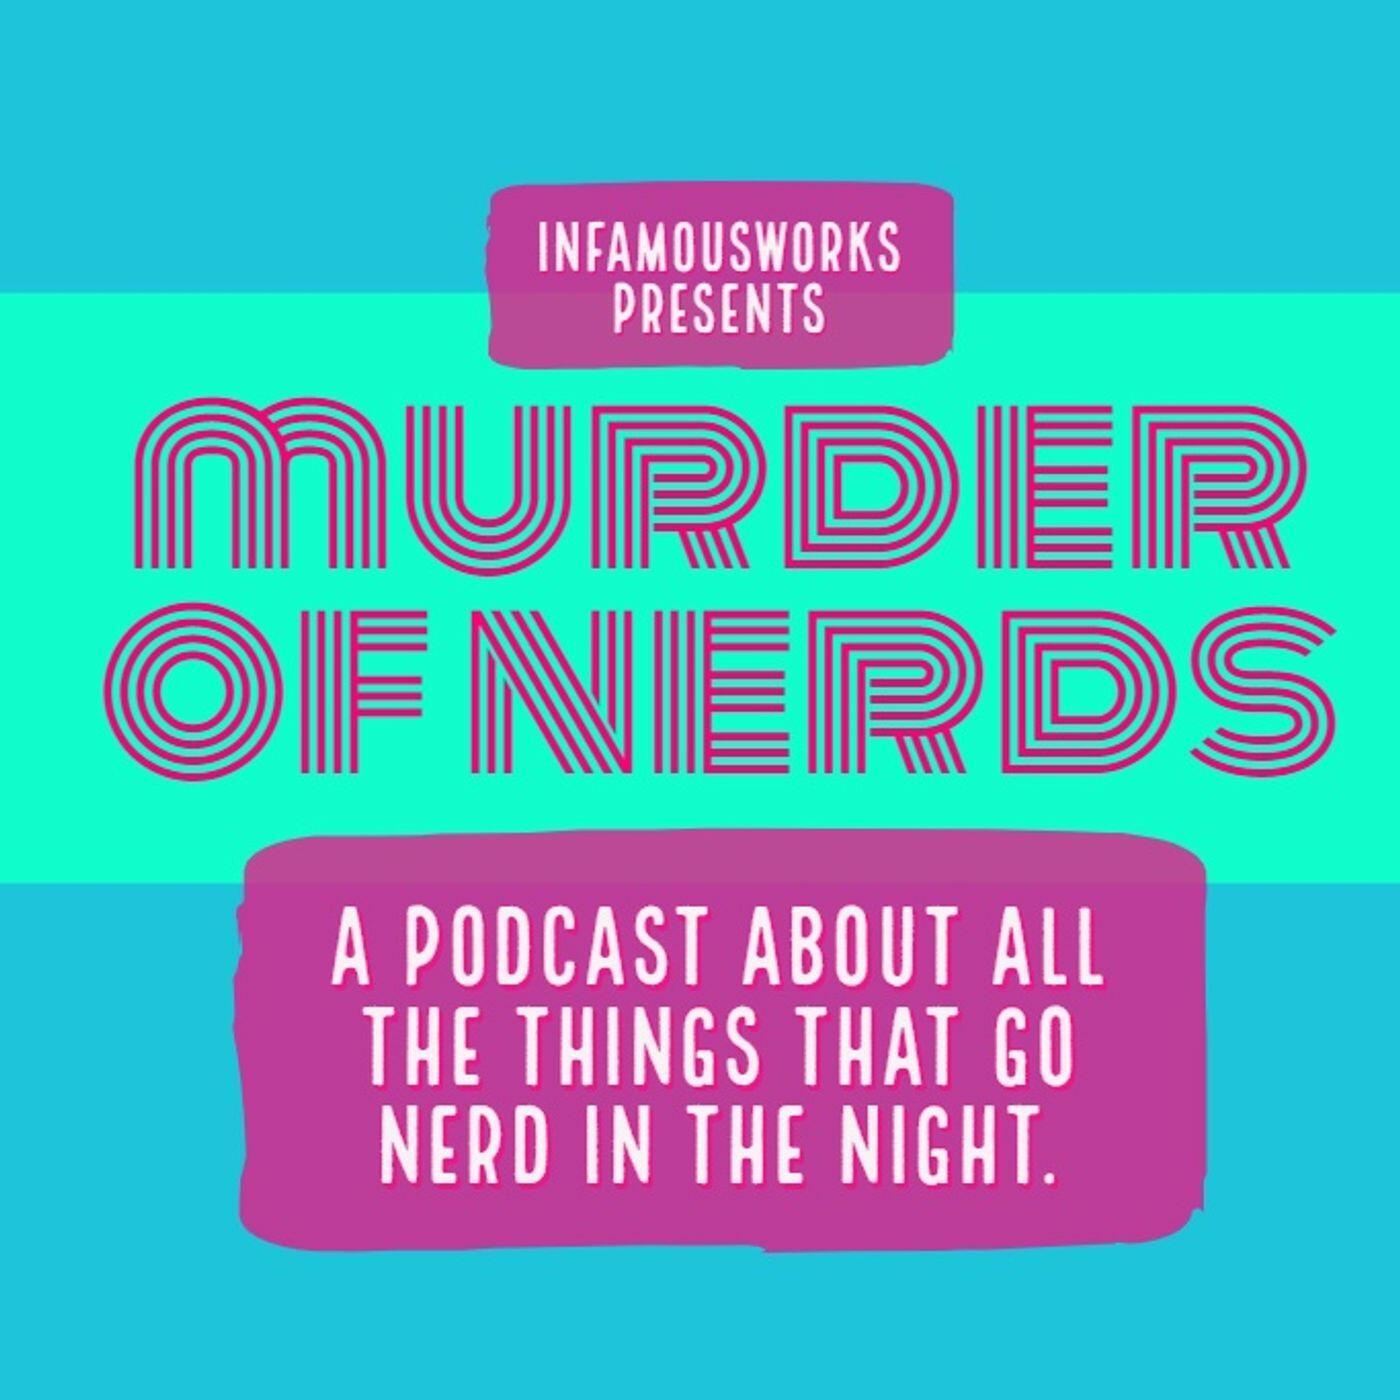 Murder of Nerds